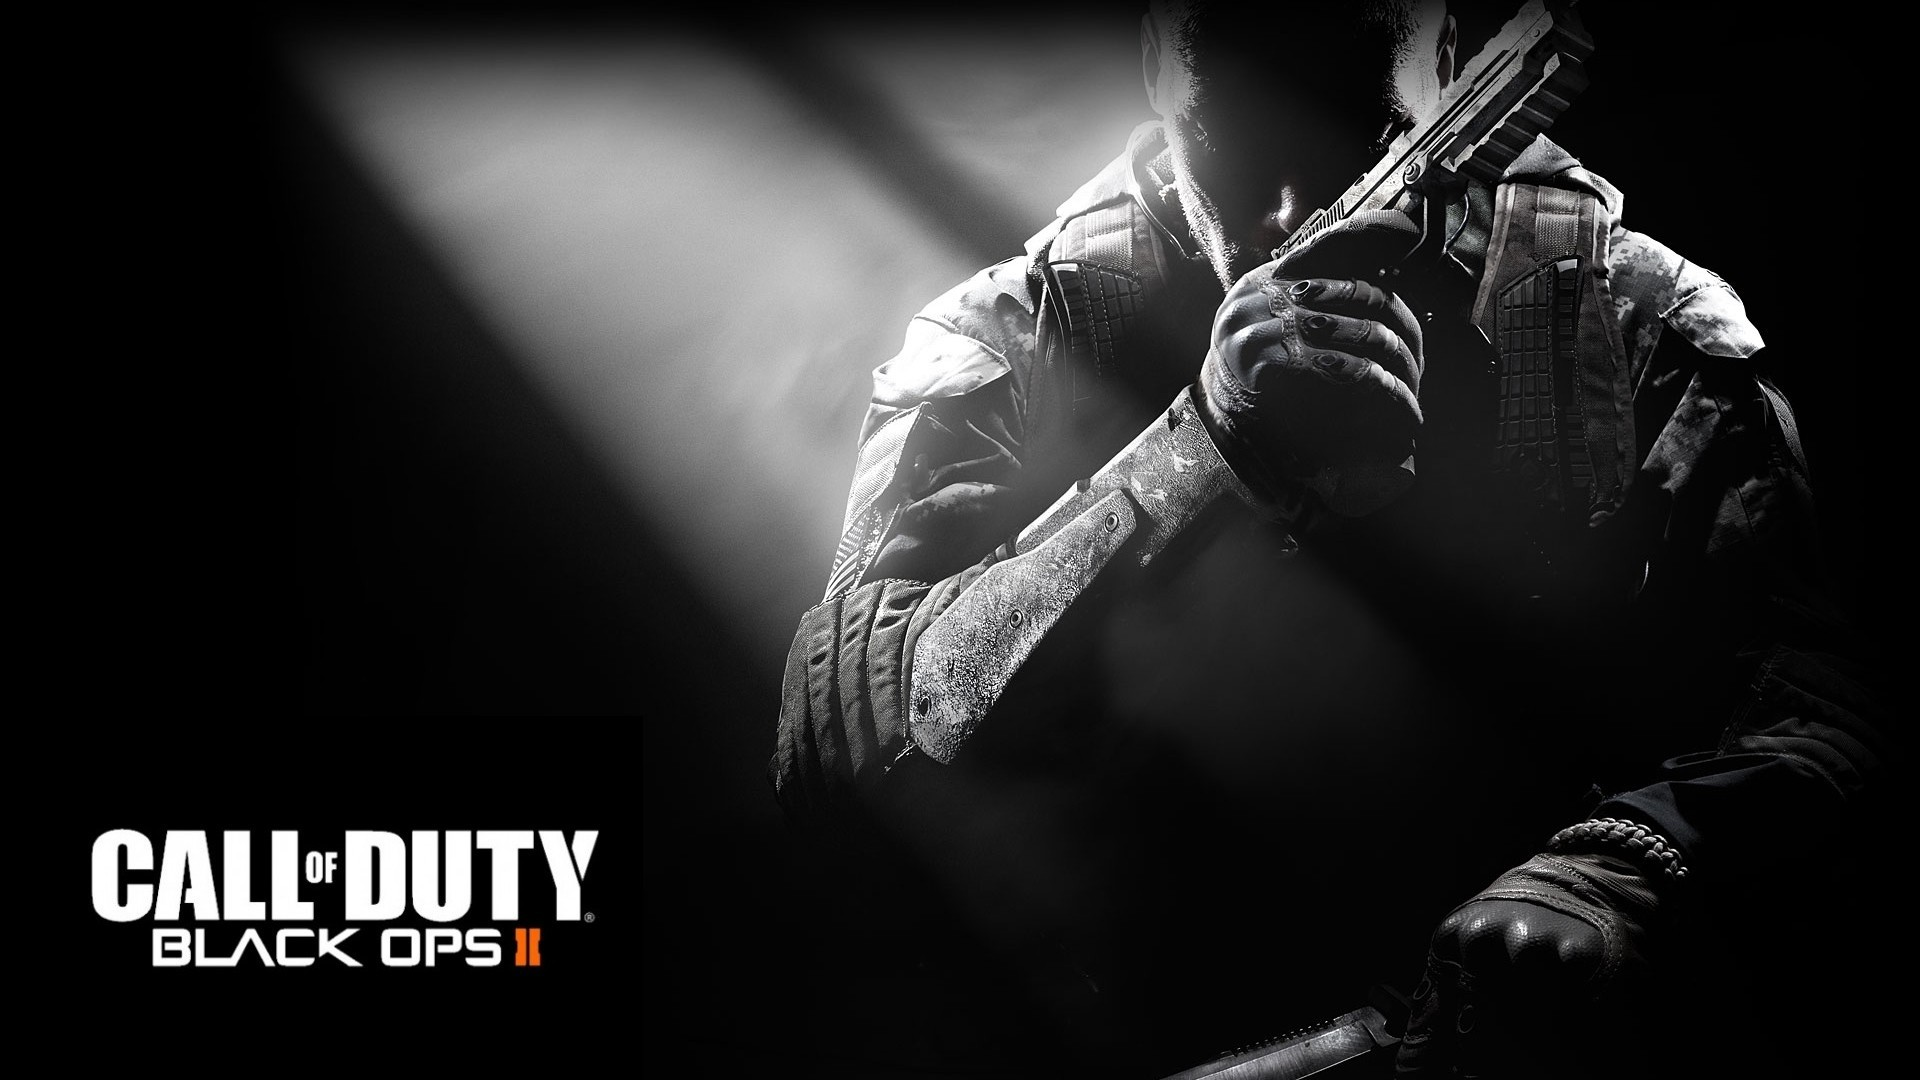 … x 1080 Original. Description: Download Call of Duty Black Ops 2 Games  wallpaper …